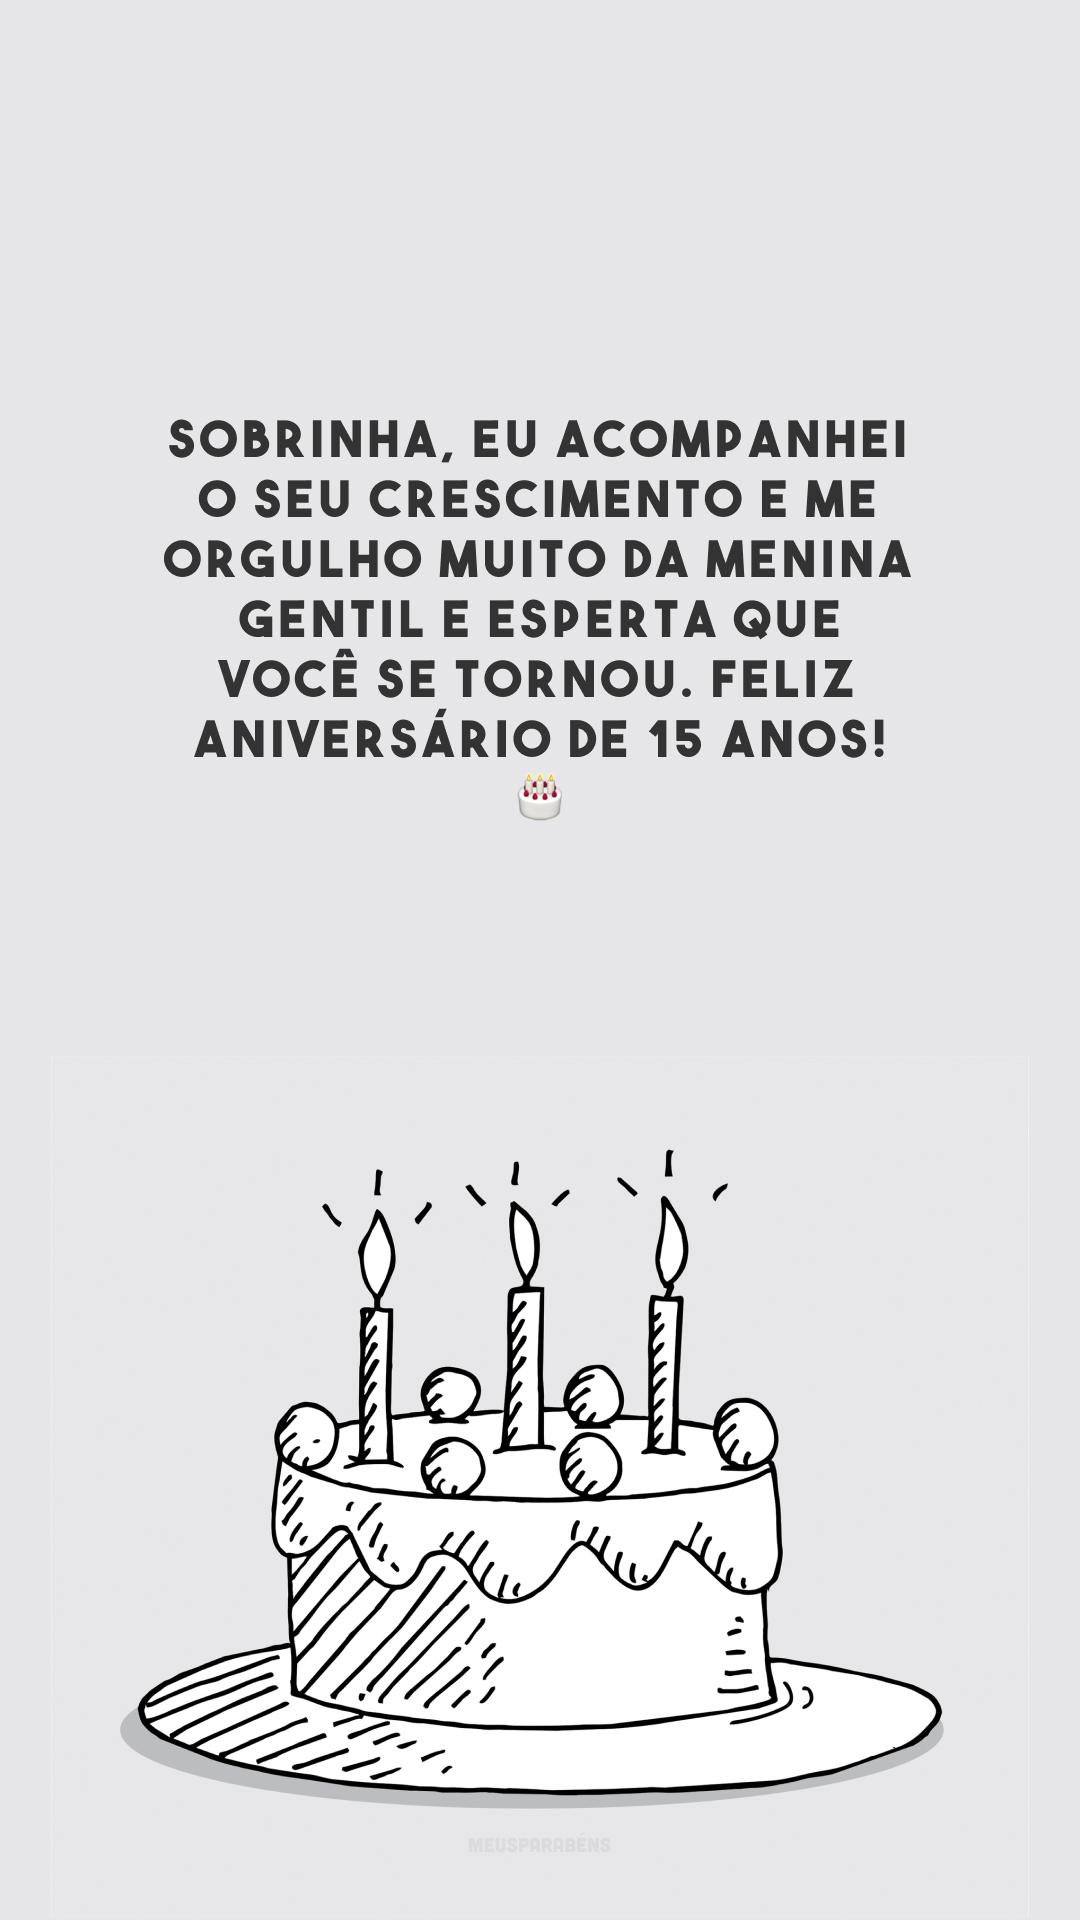 Sobrinha, eu acompanhei o seu crescimento e me orgulho muito da menina gentil e esperta que você se tornou. Feliz aniversário de 15 anos! 🎂